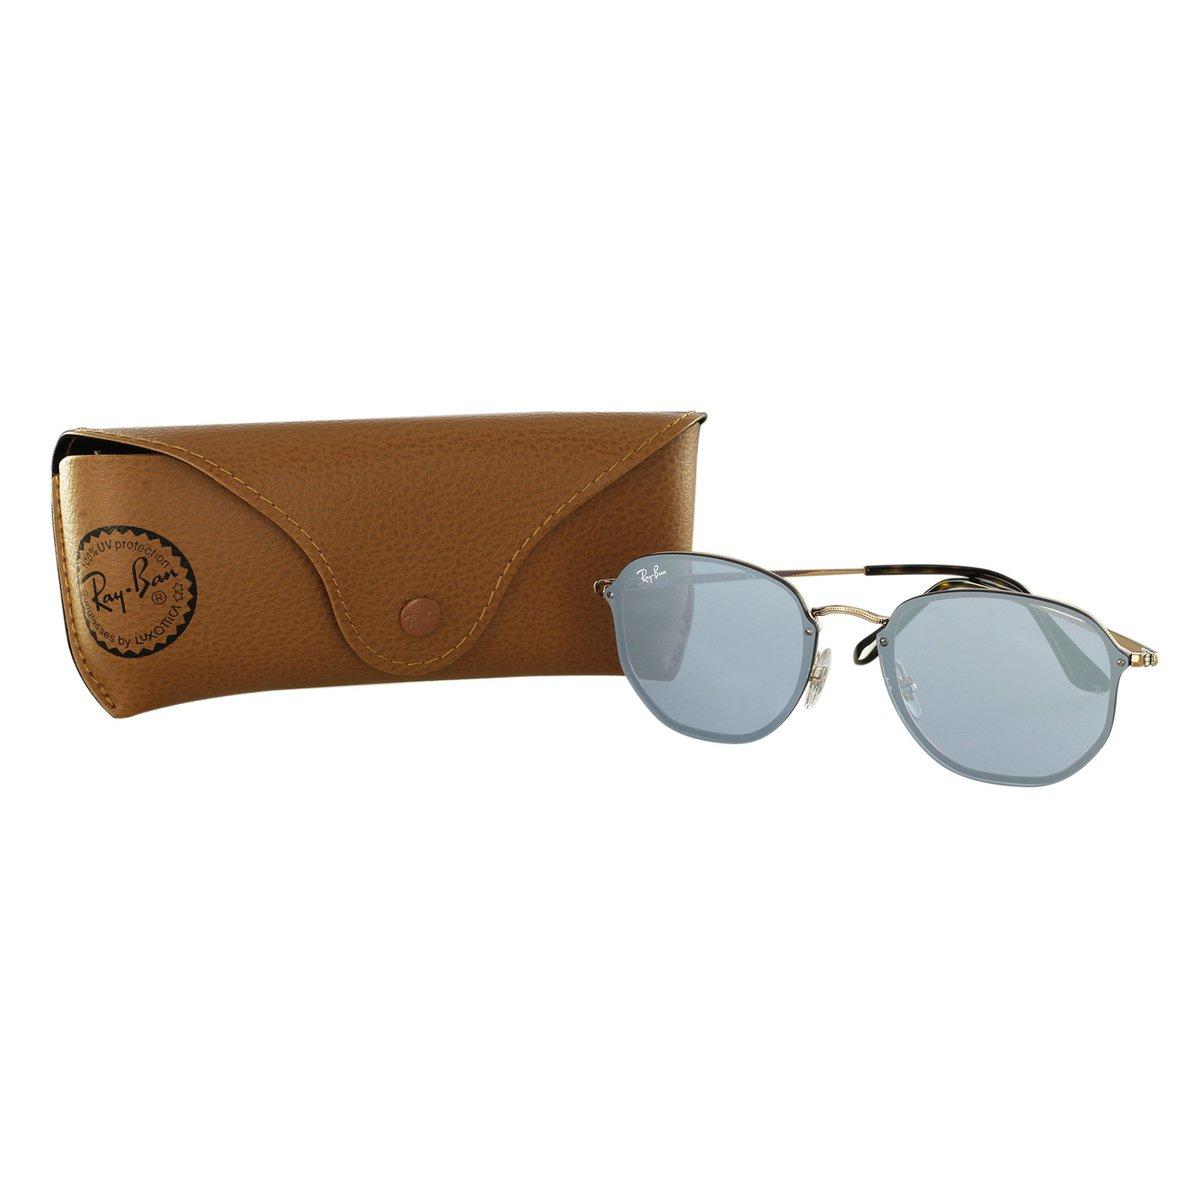 8c30c94b52679 Óculos de Sol RayBan Fashion - Compre Agora   Netshoes